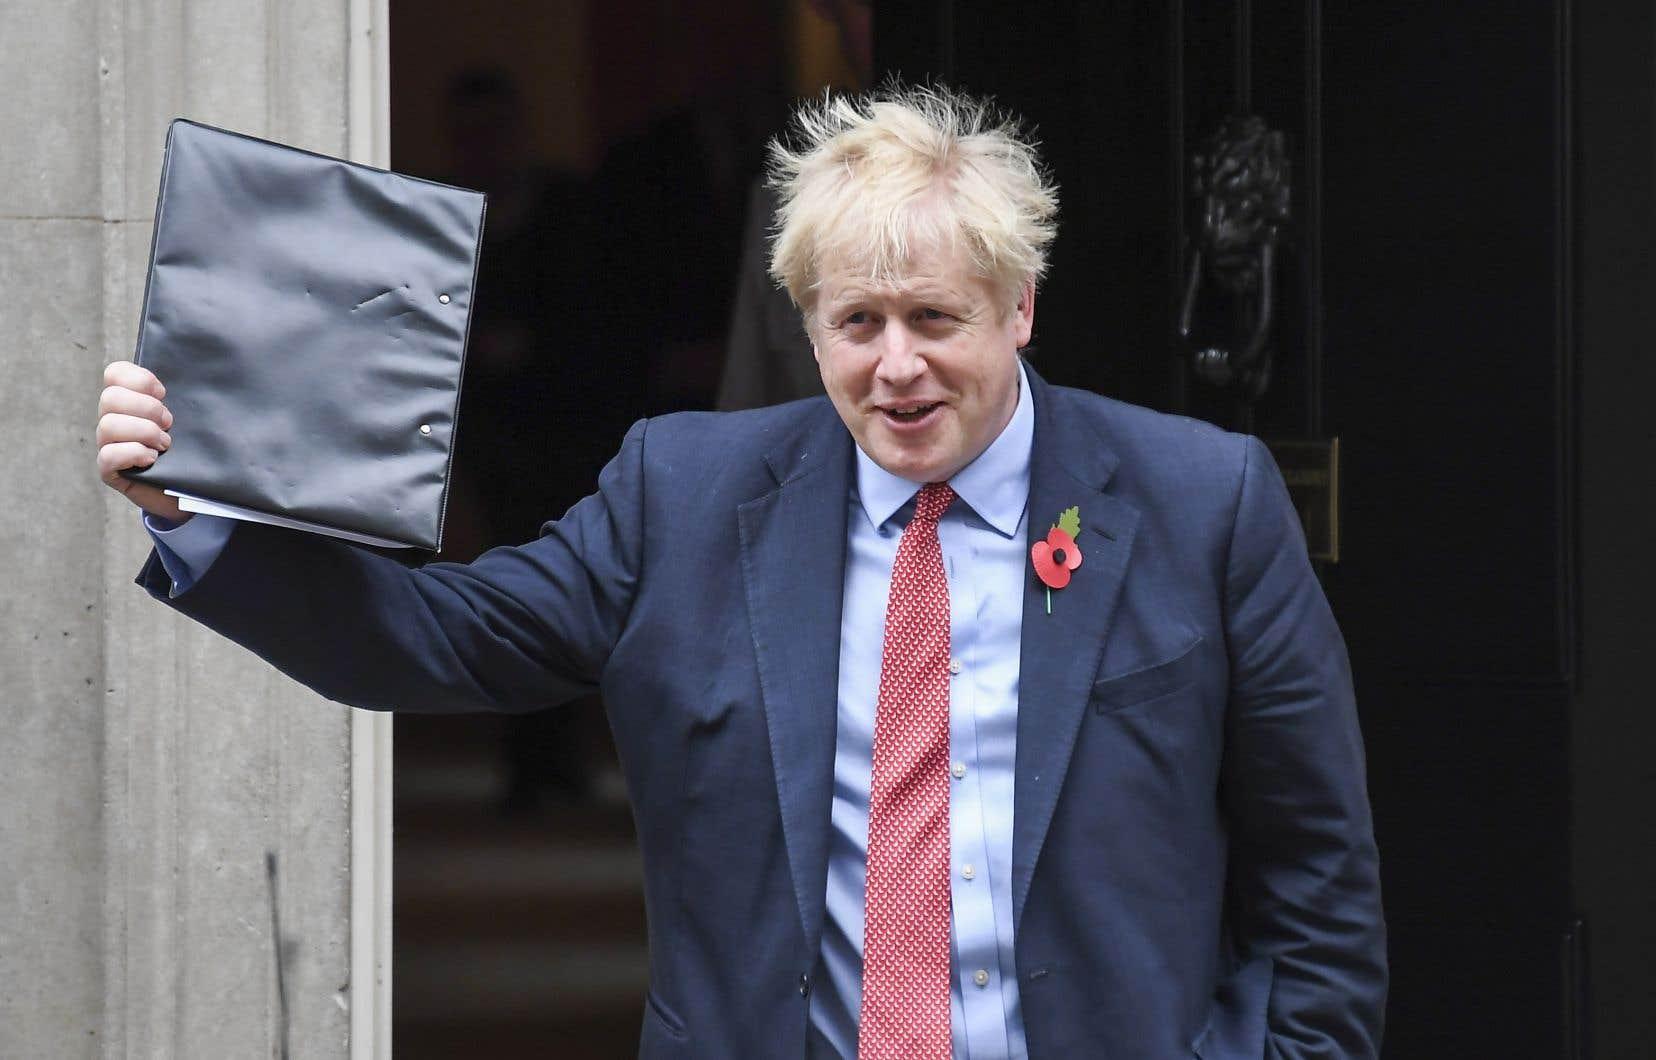 Des élections sont «la seule façon maintenant de faire avancer ce pays», avait plaidé le premier ministre, Boris Johnson, devant les députés.